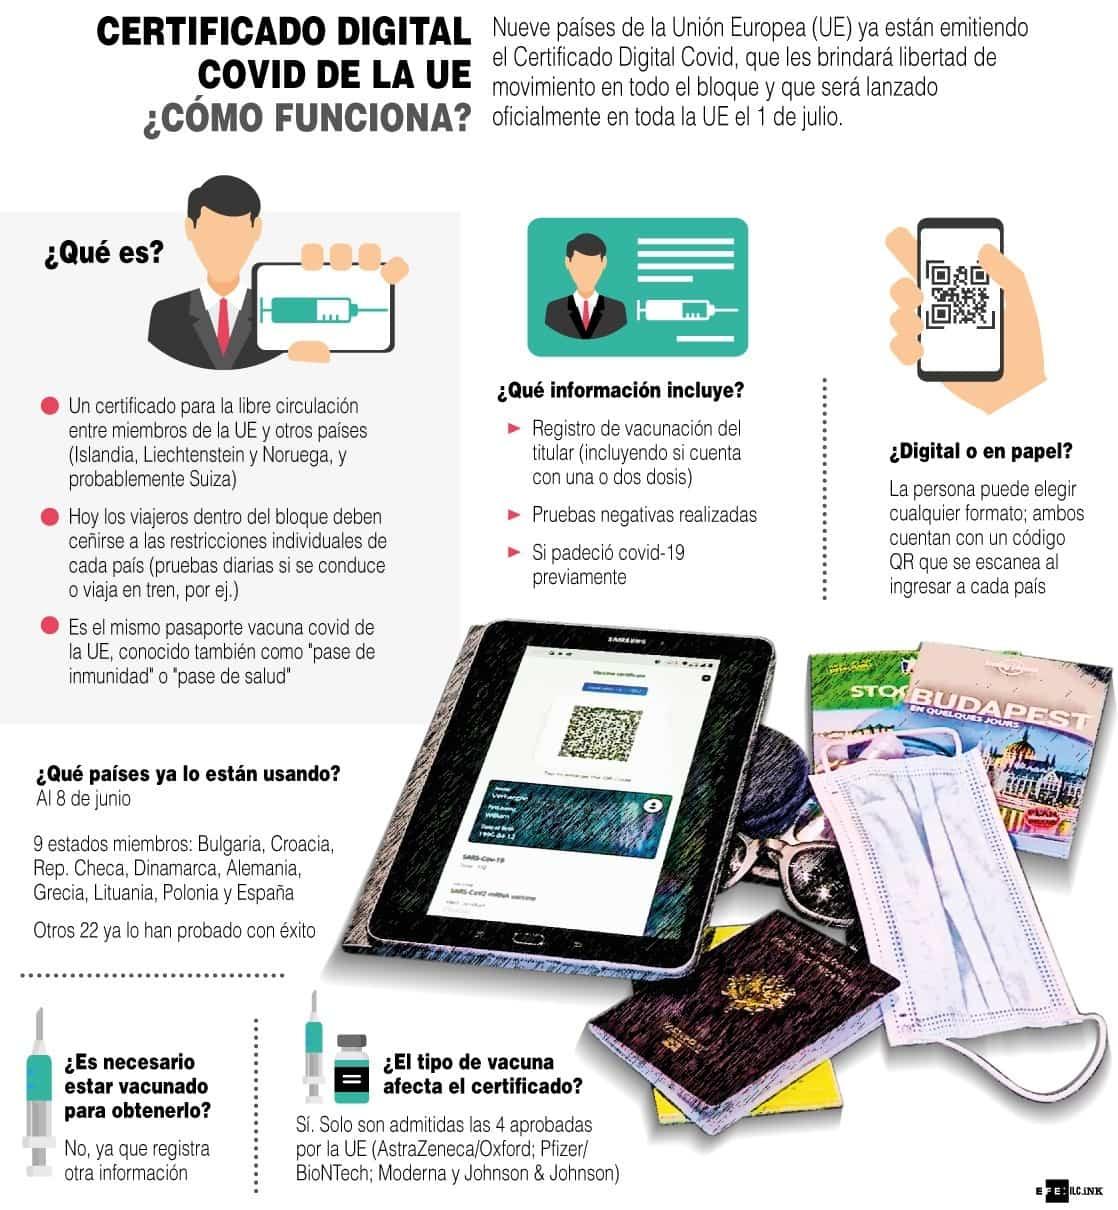 [Infografía] - A partir del primero de julio entrará en vigencia en Europa el certificado digital de COVID 1